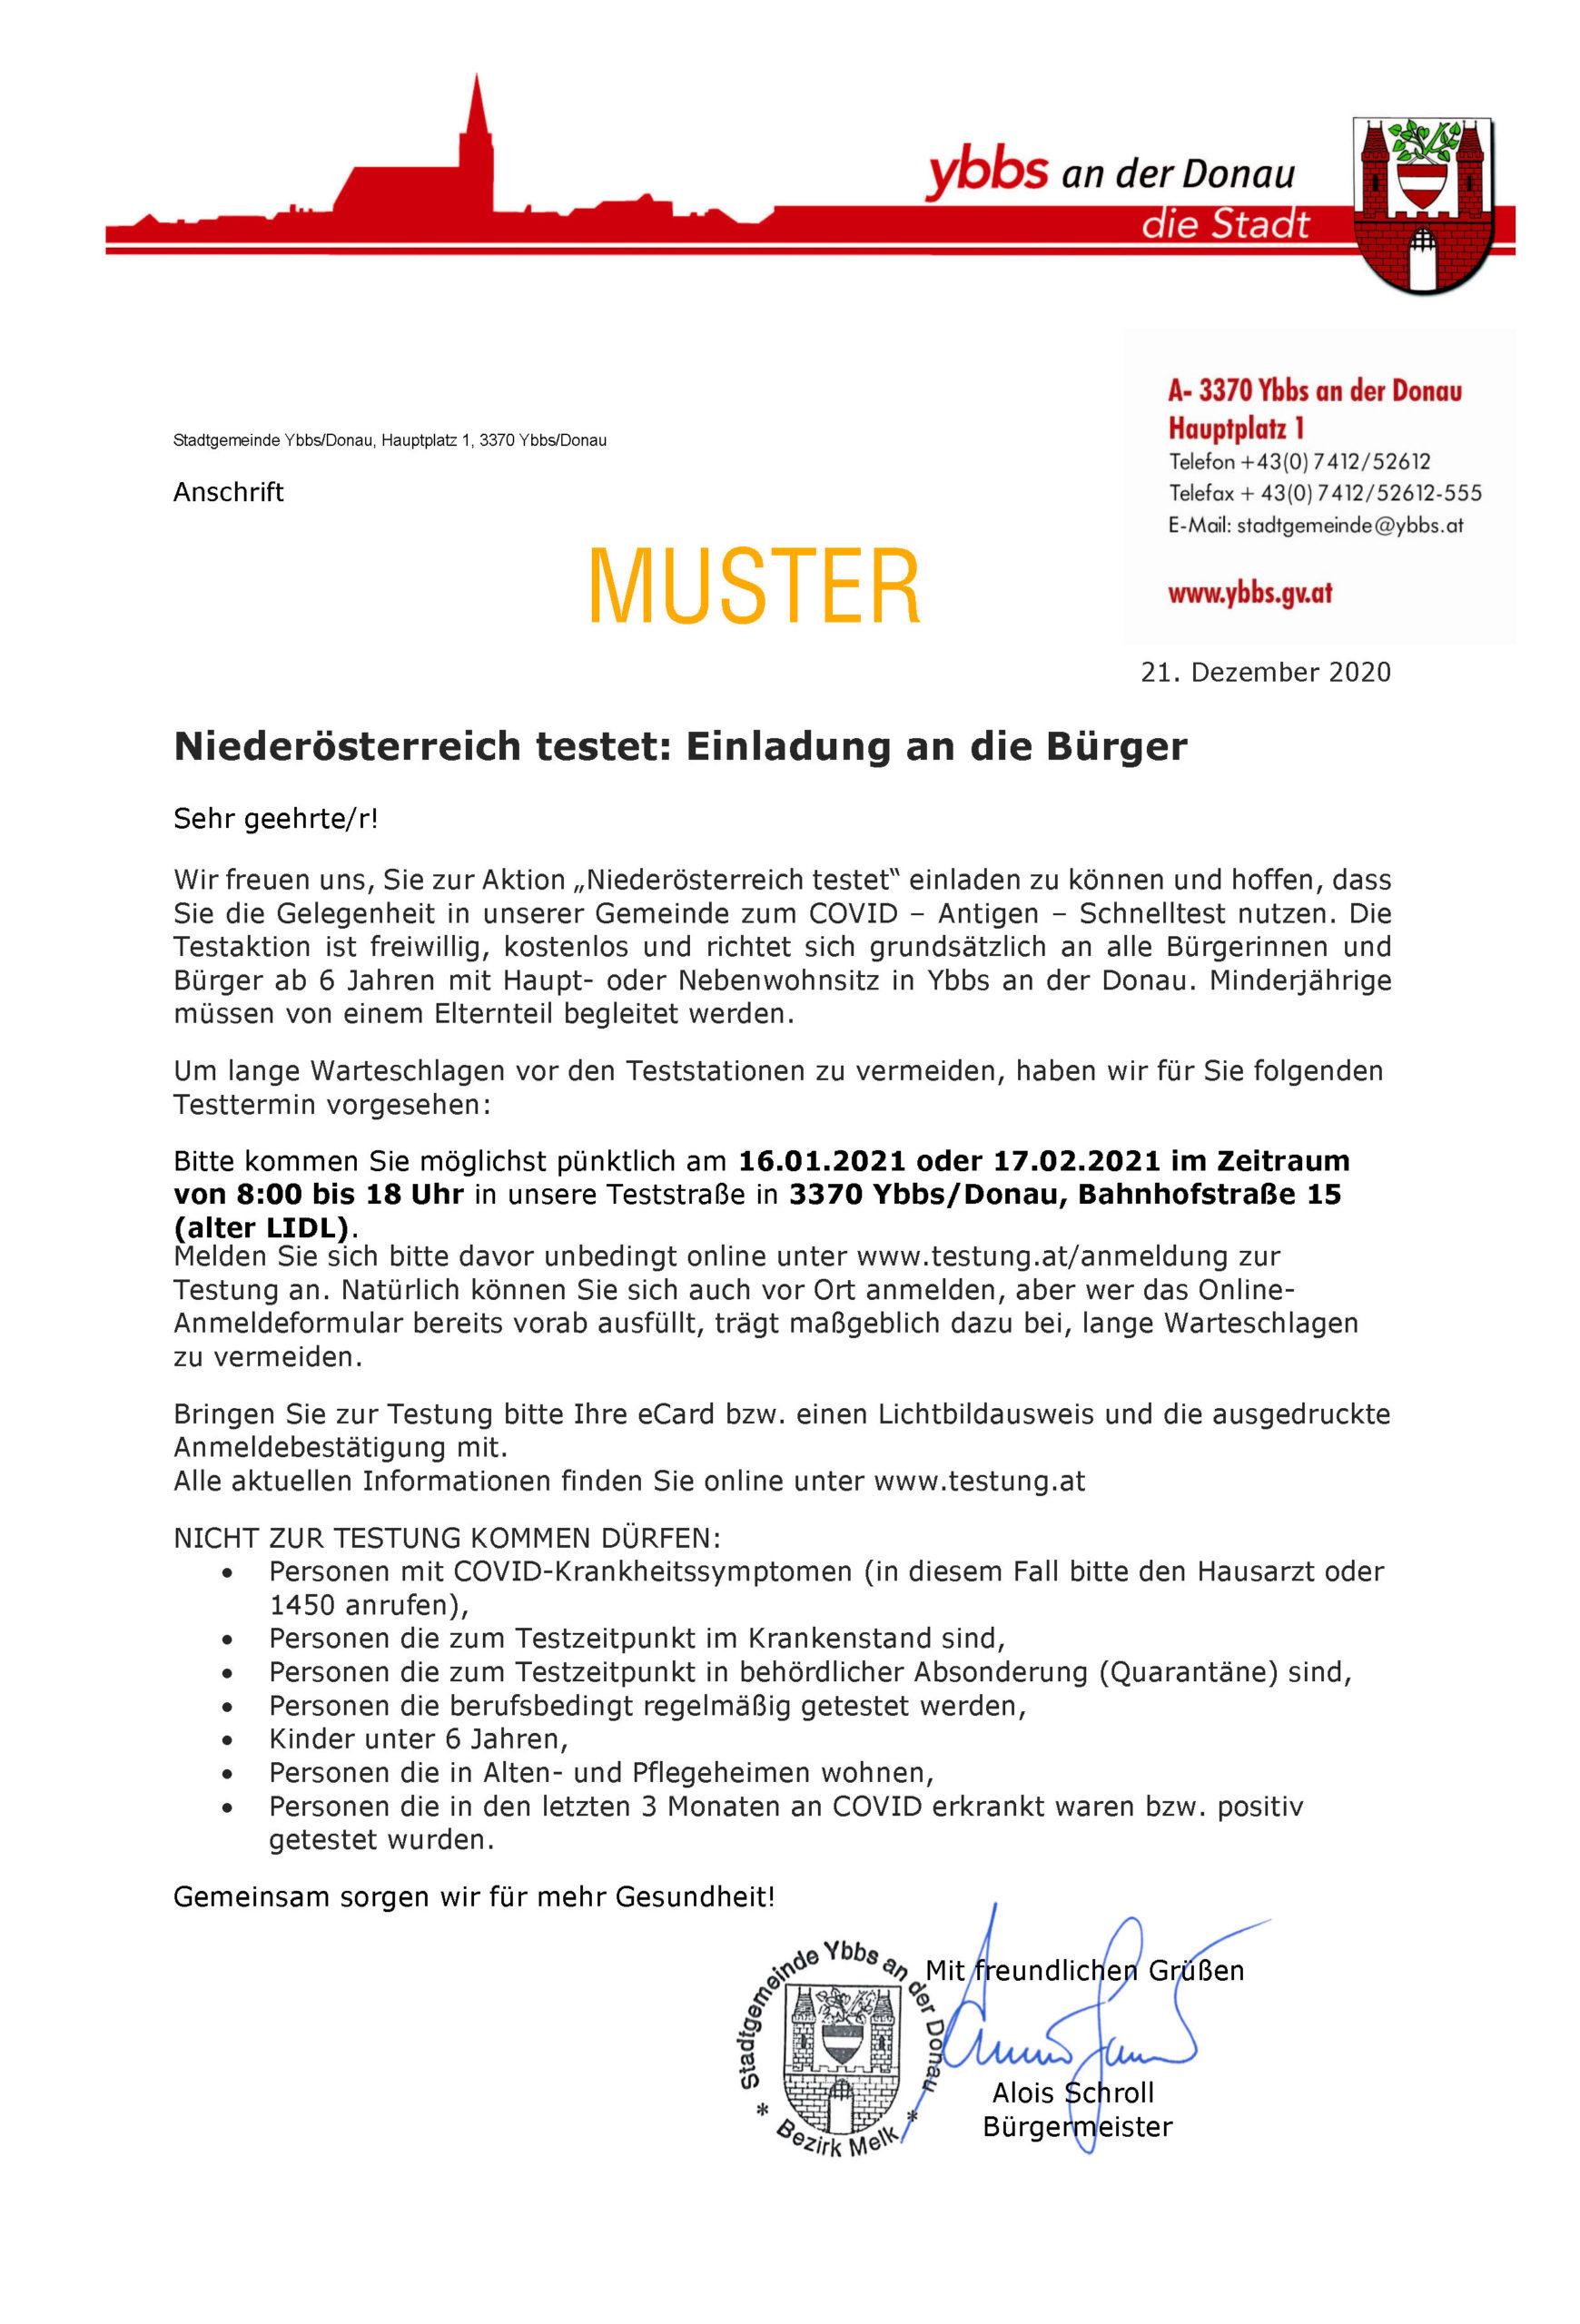 Informationsschreiben zu Testung im Jänner 2021, Muster